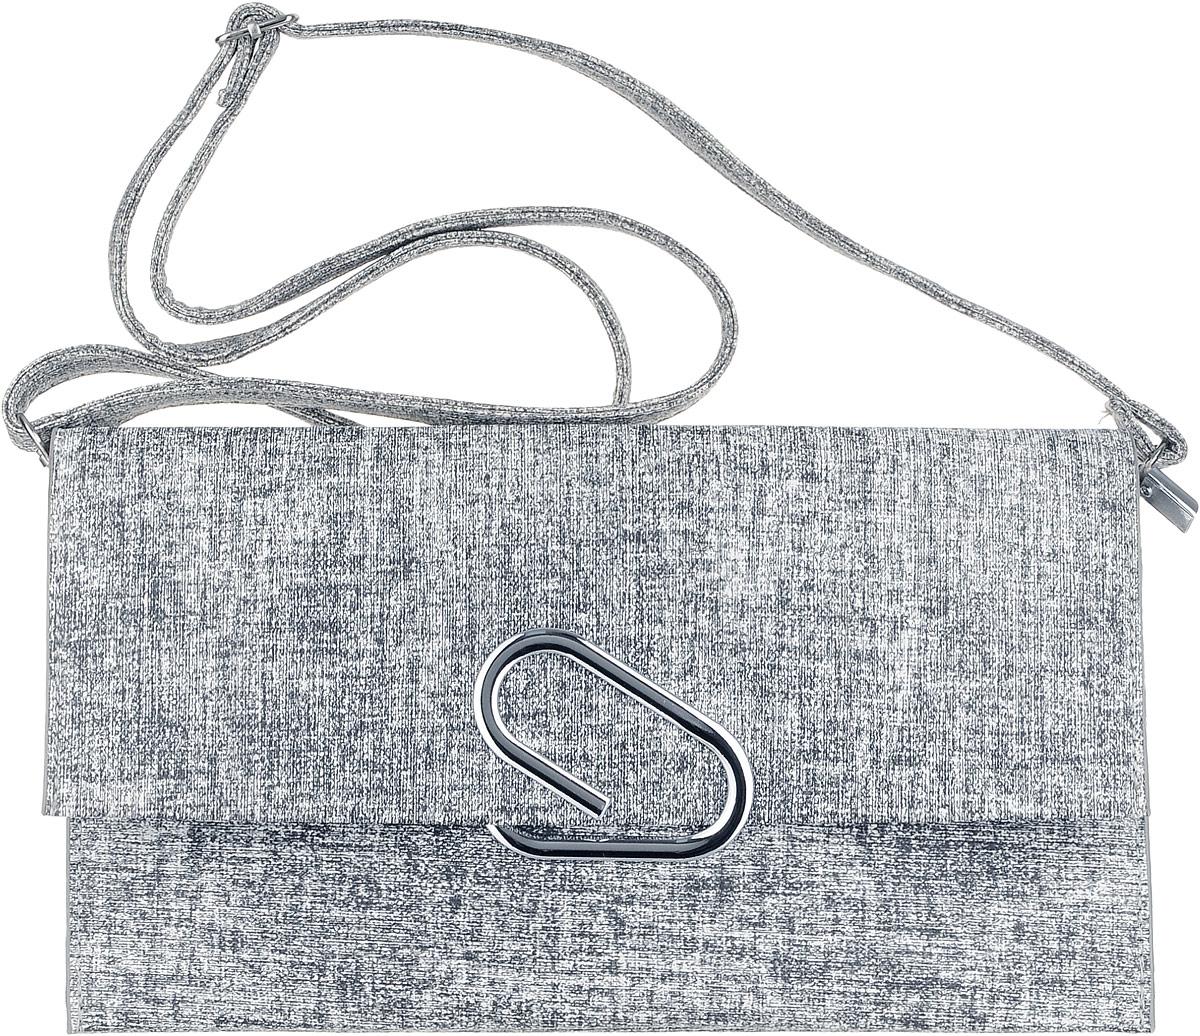 Клатч женский OrsOro, цвет: серый. D-019/4D-019/4Клатч женский OrsOro выполнен из искусственной кожи. Изделие оснащено съемным плечевым ремнем, длина которого регулируется с помощью пряжки. Также сумка имеет съемный ремешок, с помощью которого изделие можно носить на запястье. Сумка закрывается клапаном на металлический фиксатор. Внутри расположено два отделения, одно из которых закрывается на молнию. Также внутри расположен один вшитый карман на молнии.